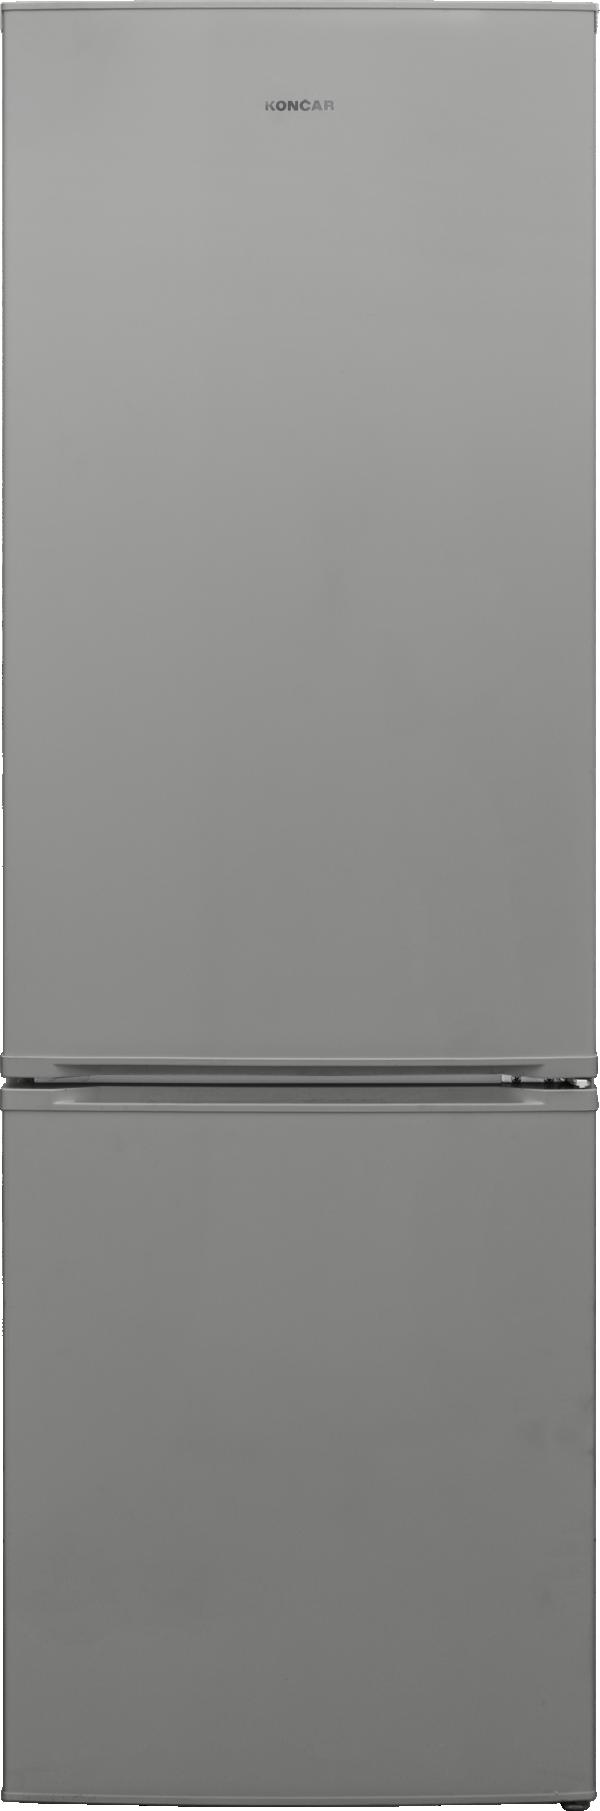 KONČAR Kombinovani frižider HC1A 54 278.S1V